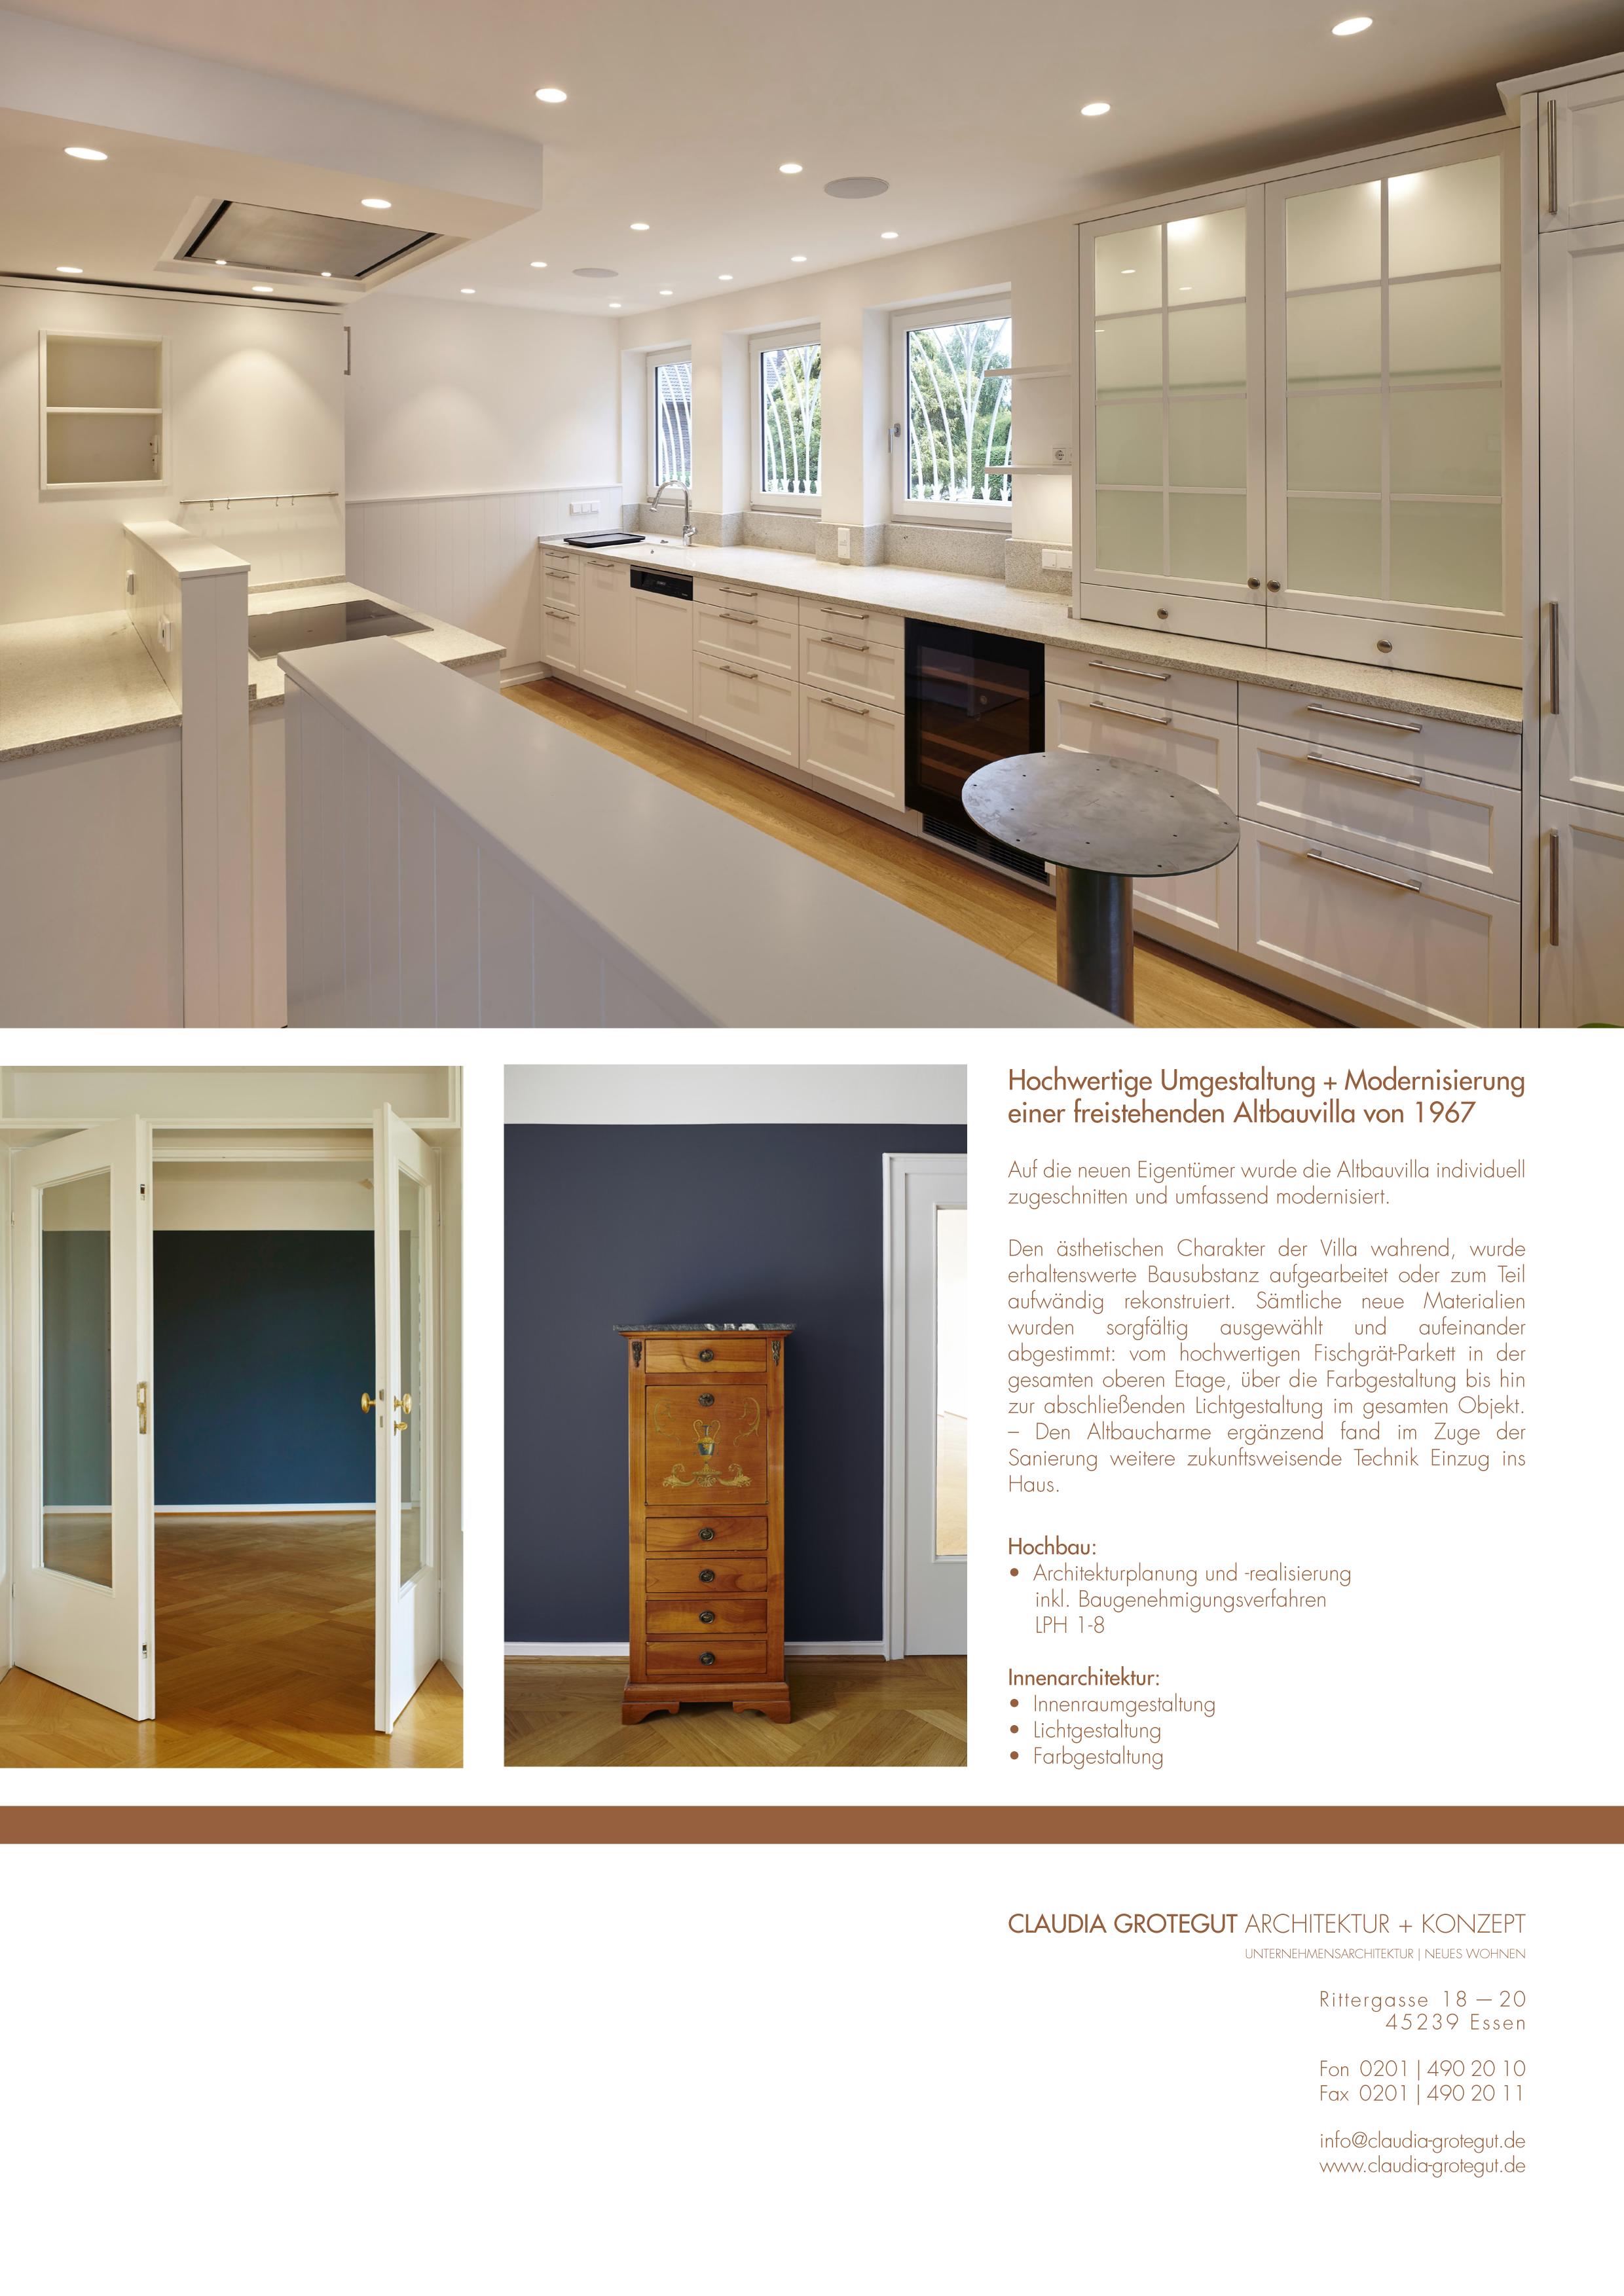 Hochwertige Hauseingangstür einer Altbauvilla in NRW #Architektur ...